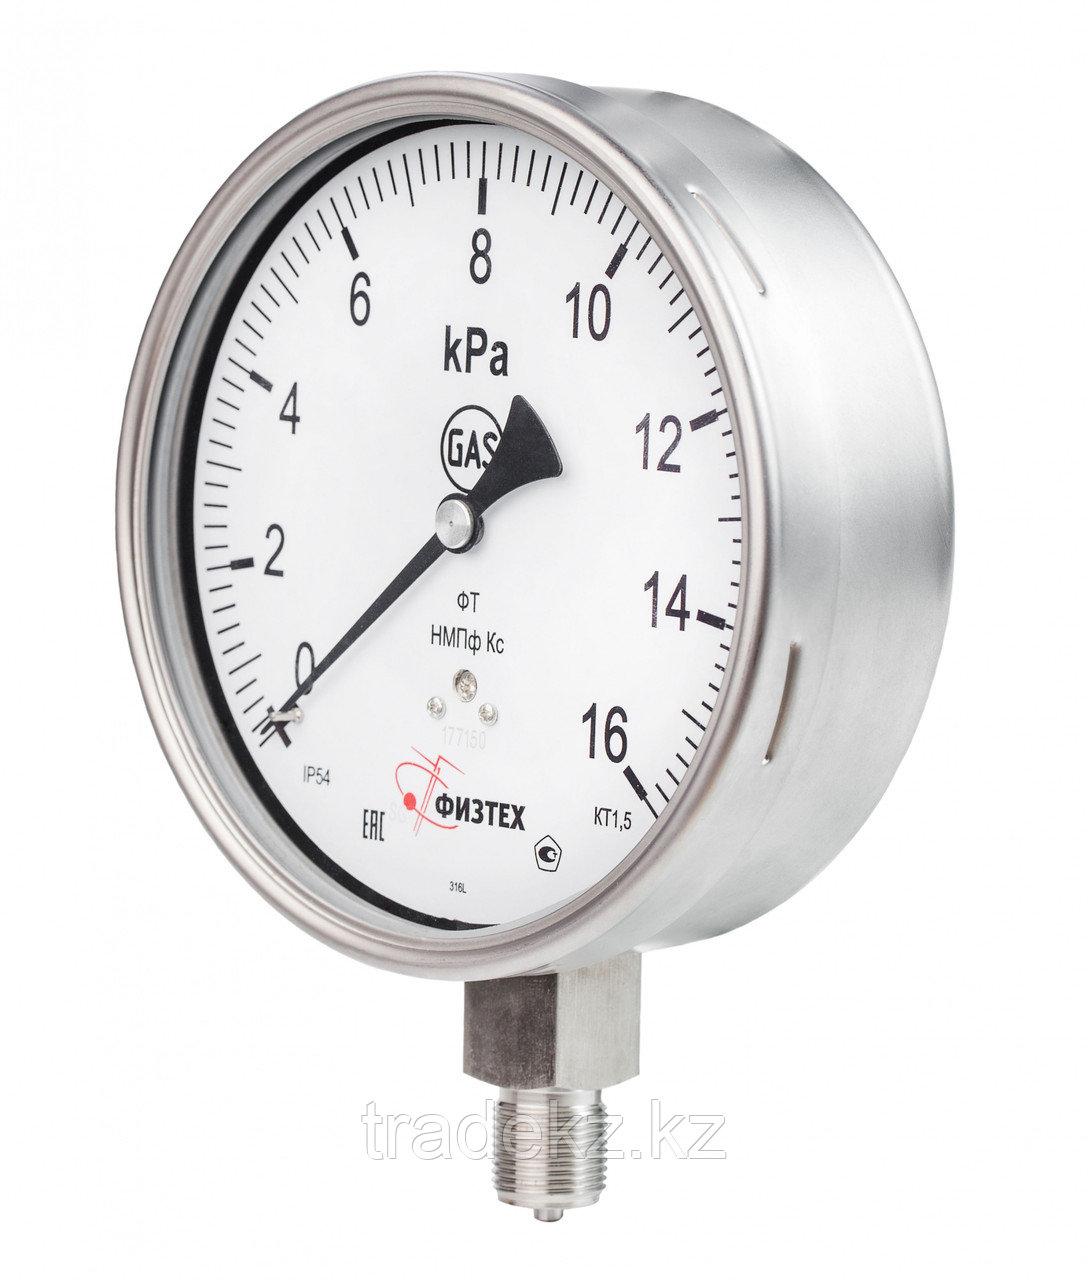 Тягонапоромер, напоромер коррозионностойкий ТНМПф Кс, НМПф Кс д.160 мм